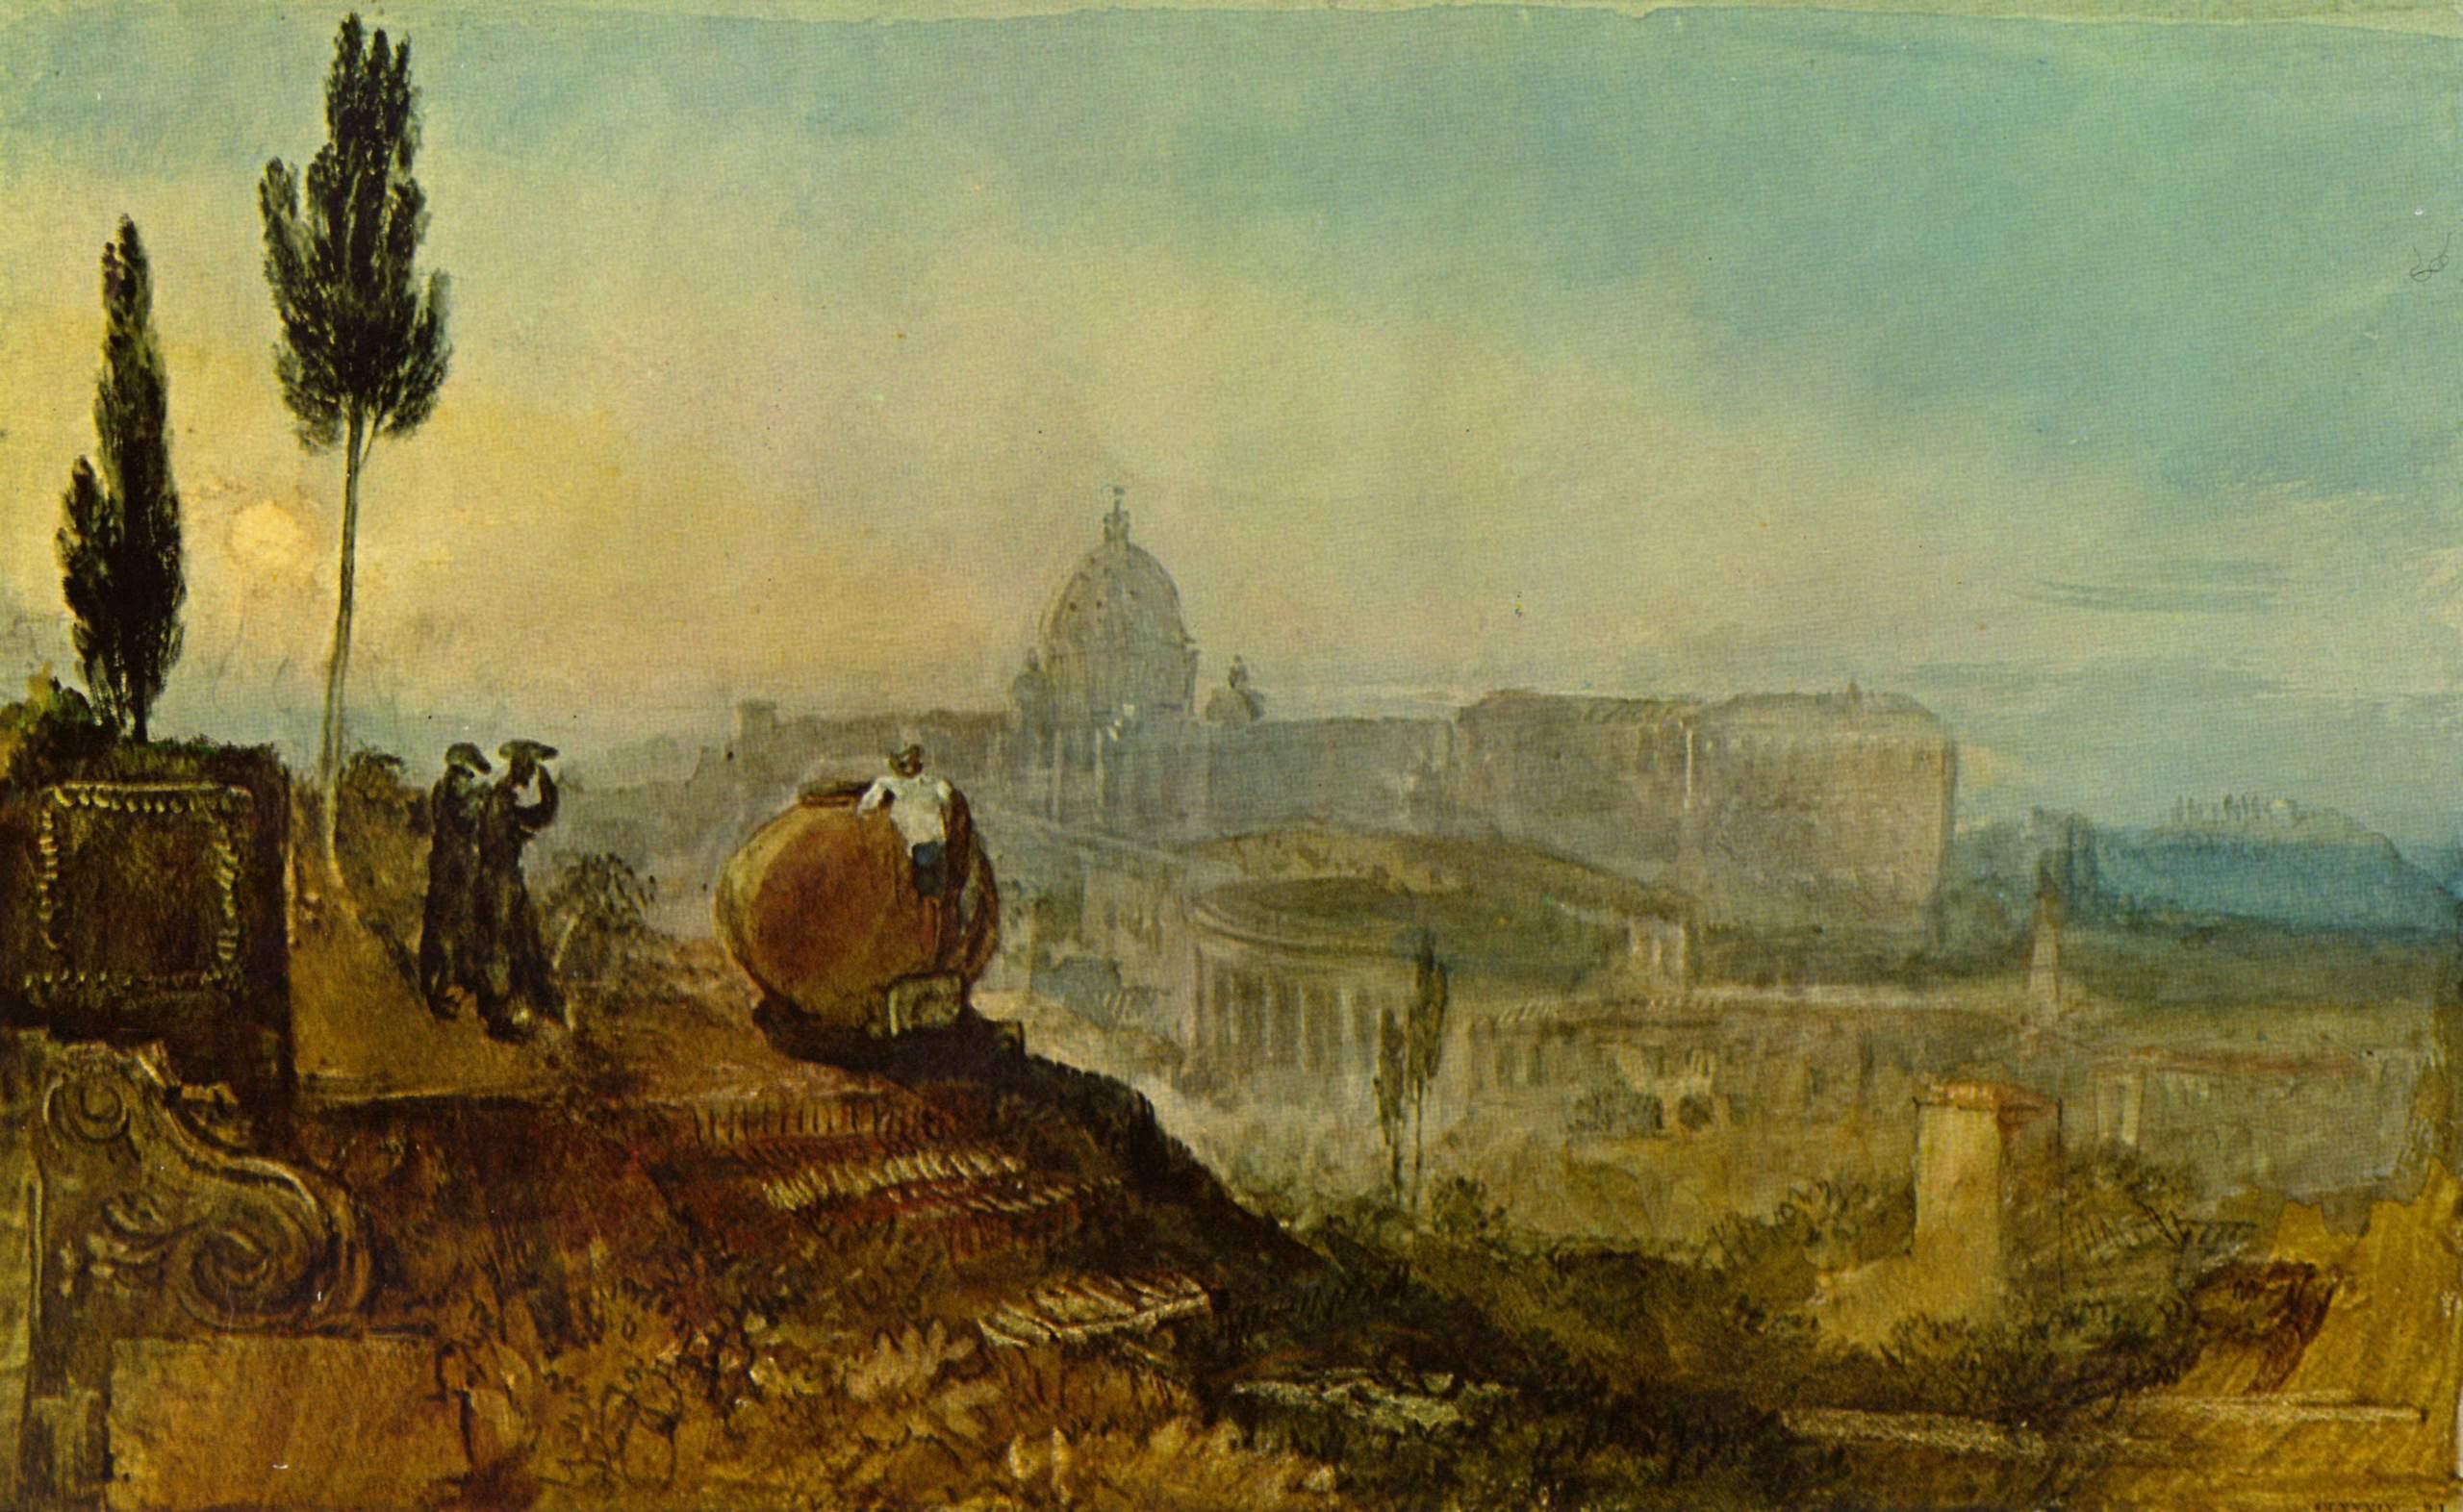 городской пейзаж Рим - вид на собор святого Петра, вид из усадьбы Барберини :: Уильям Тёрнер - William Turner фото